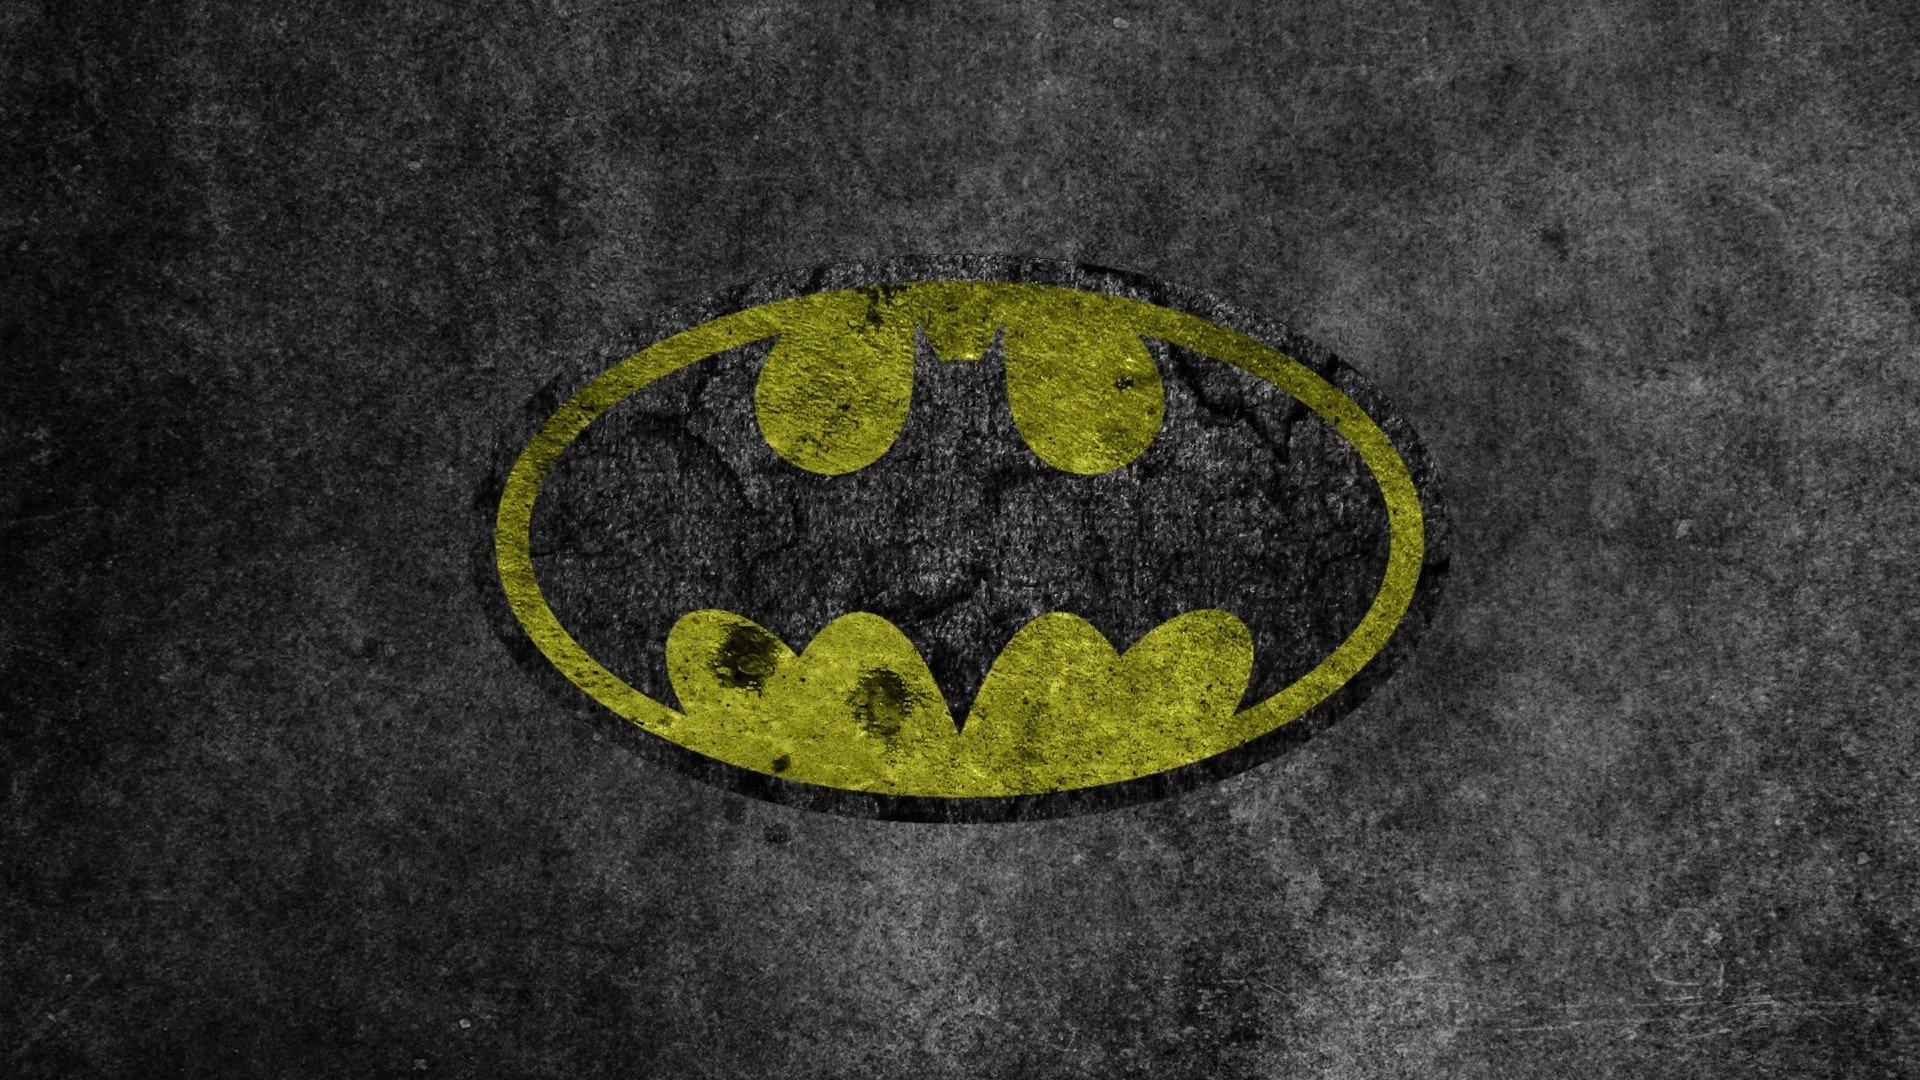 Batman Logo Hd Wallpaper Fantastic batman hd wallpaper 1920x1080